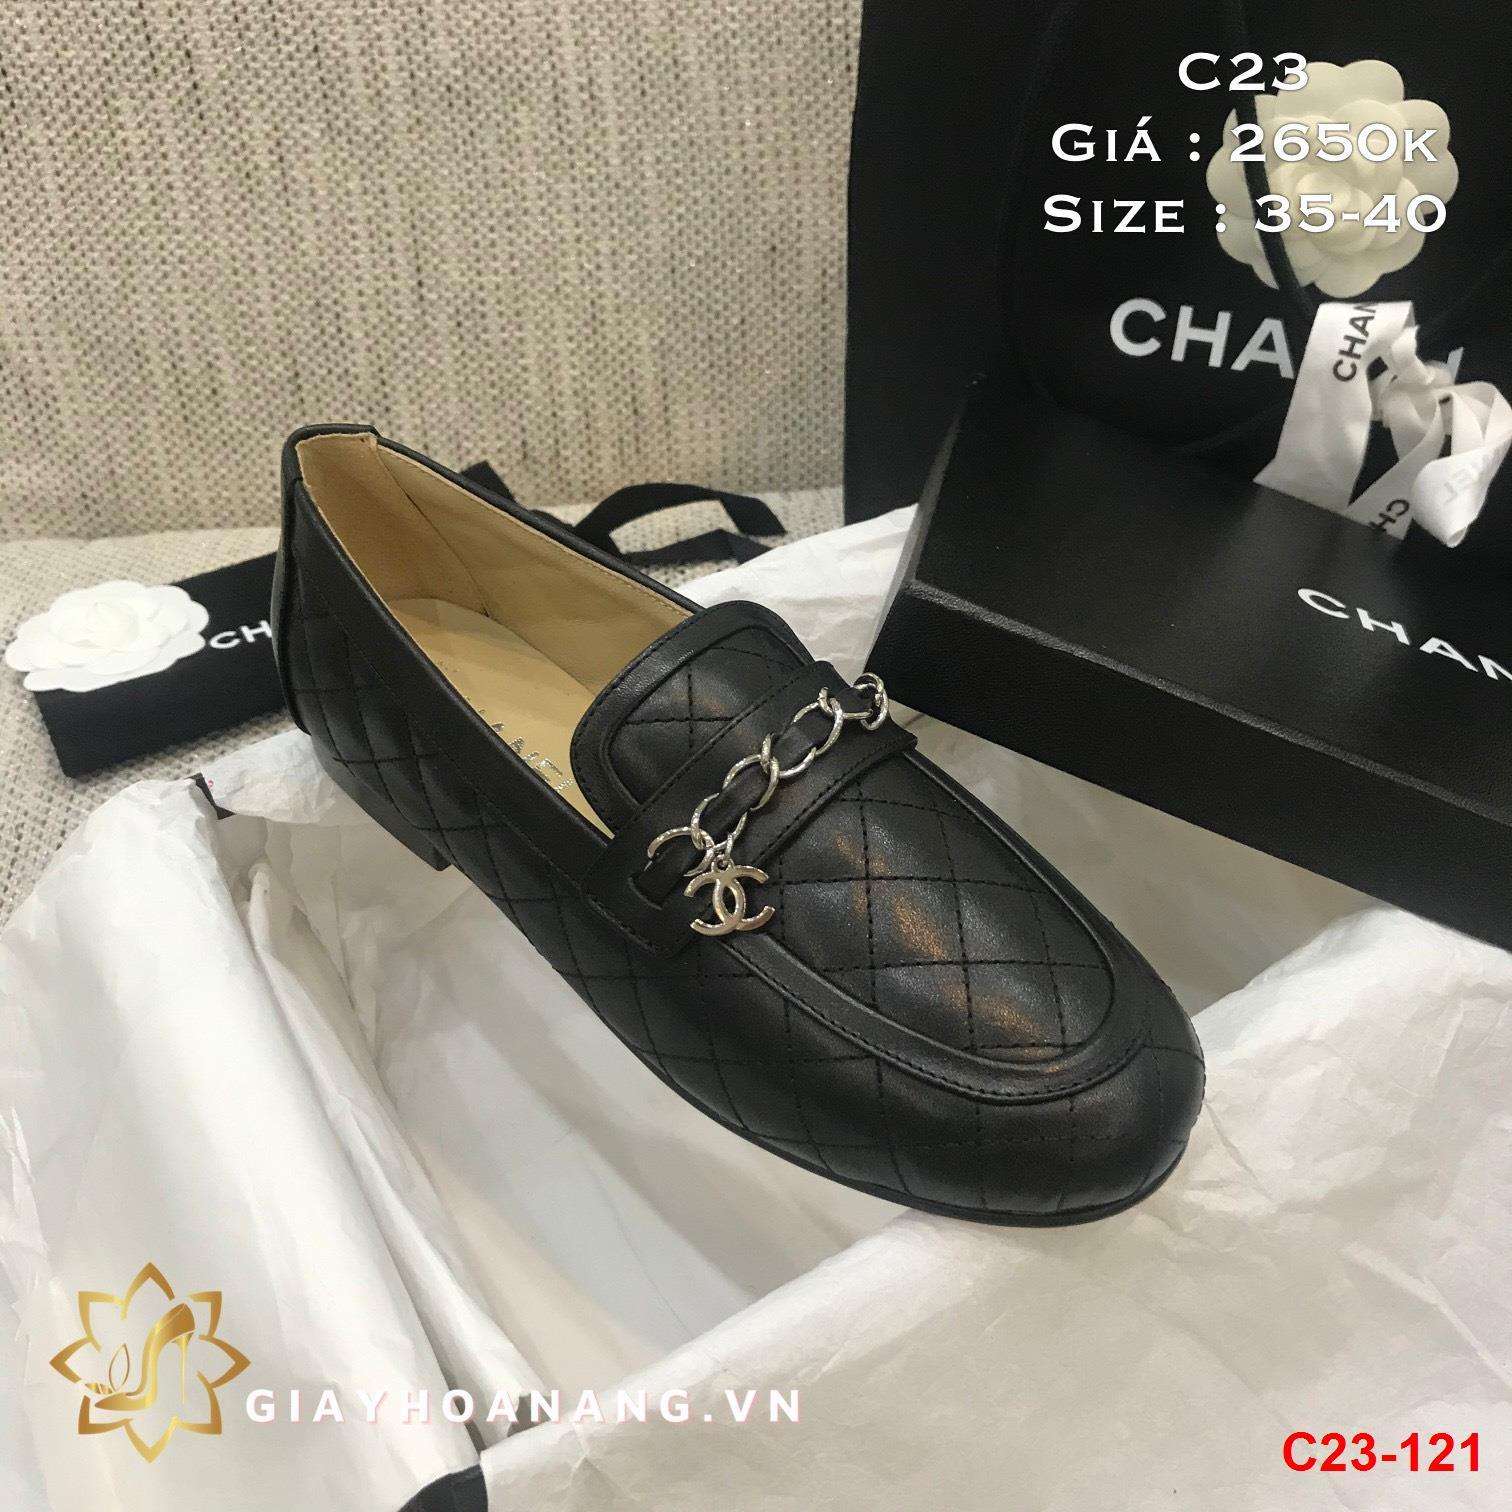 C23-121 Chanel giày lười siêu cấp